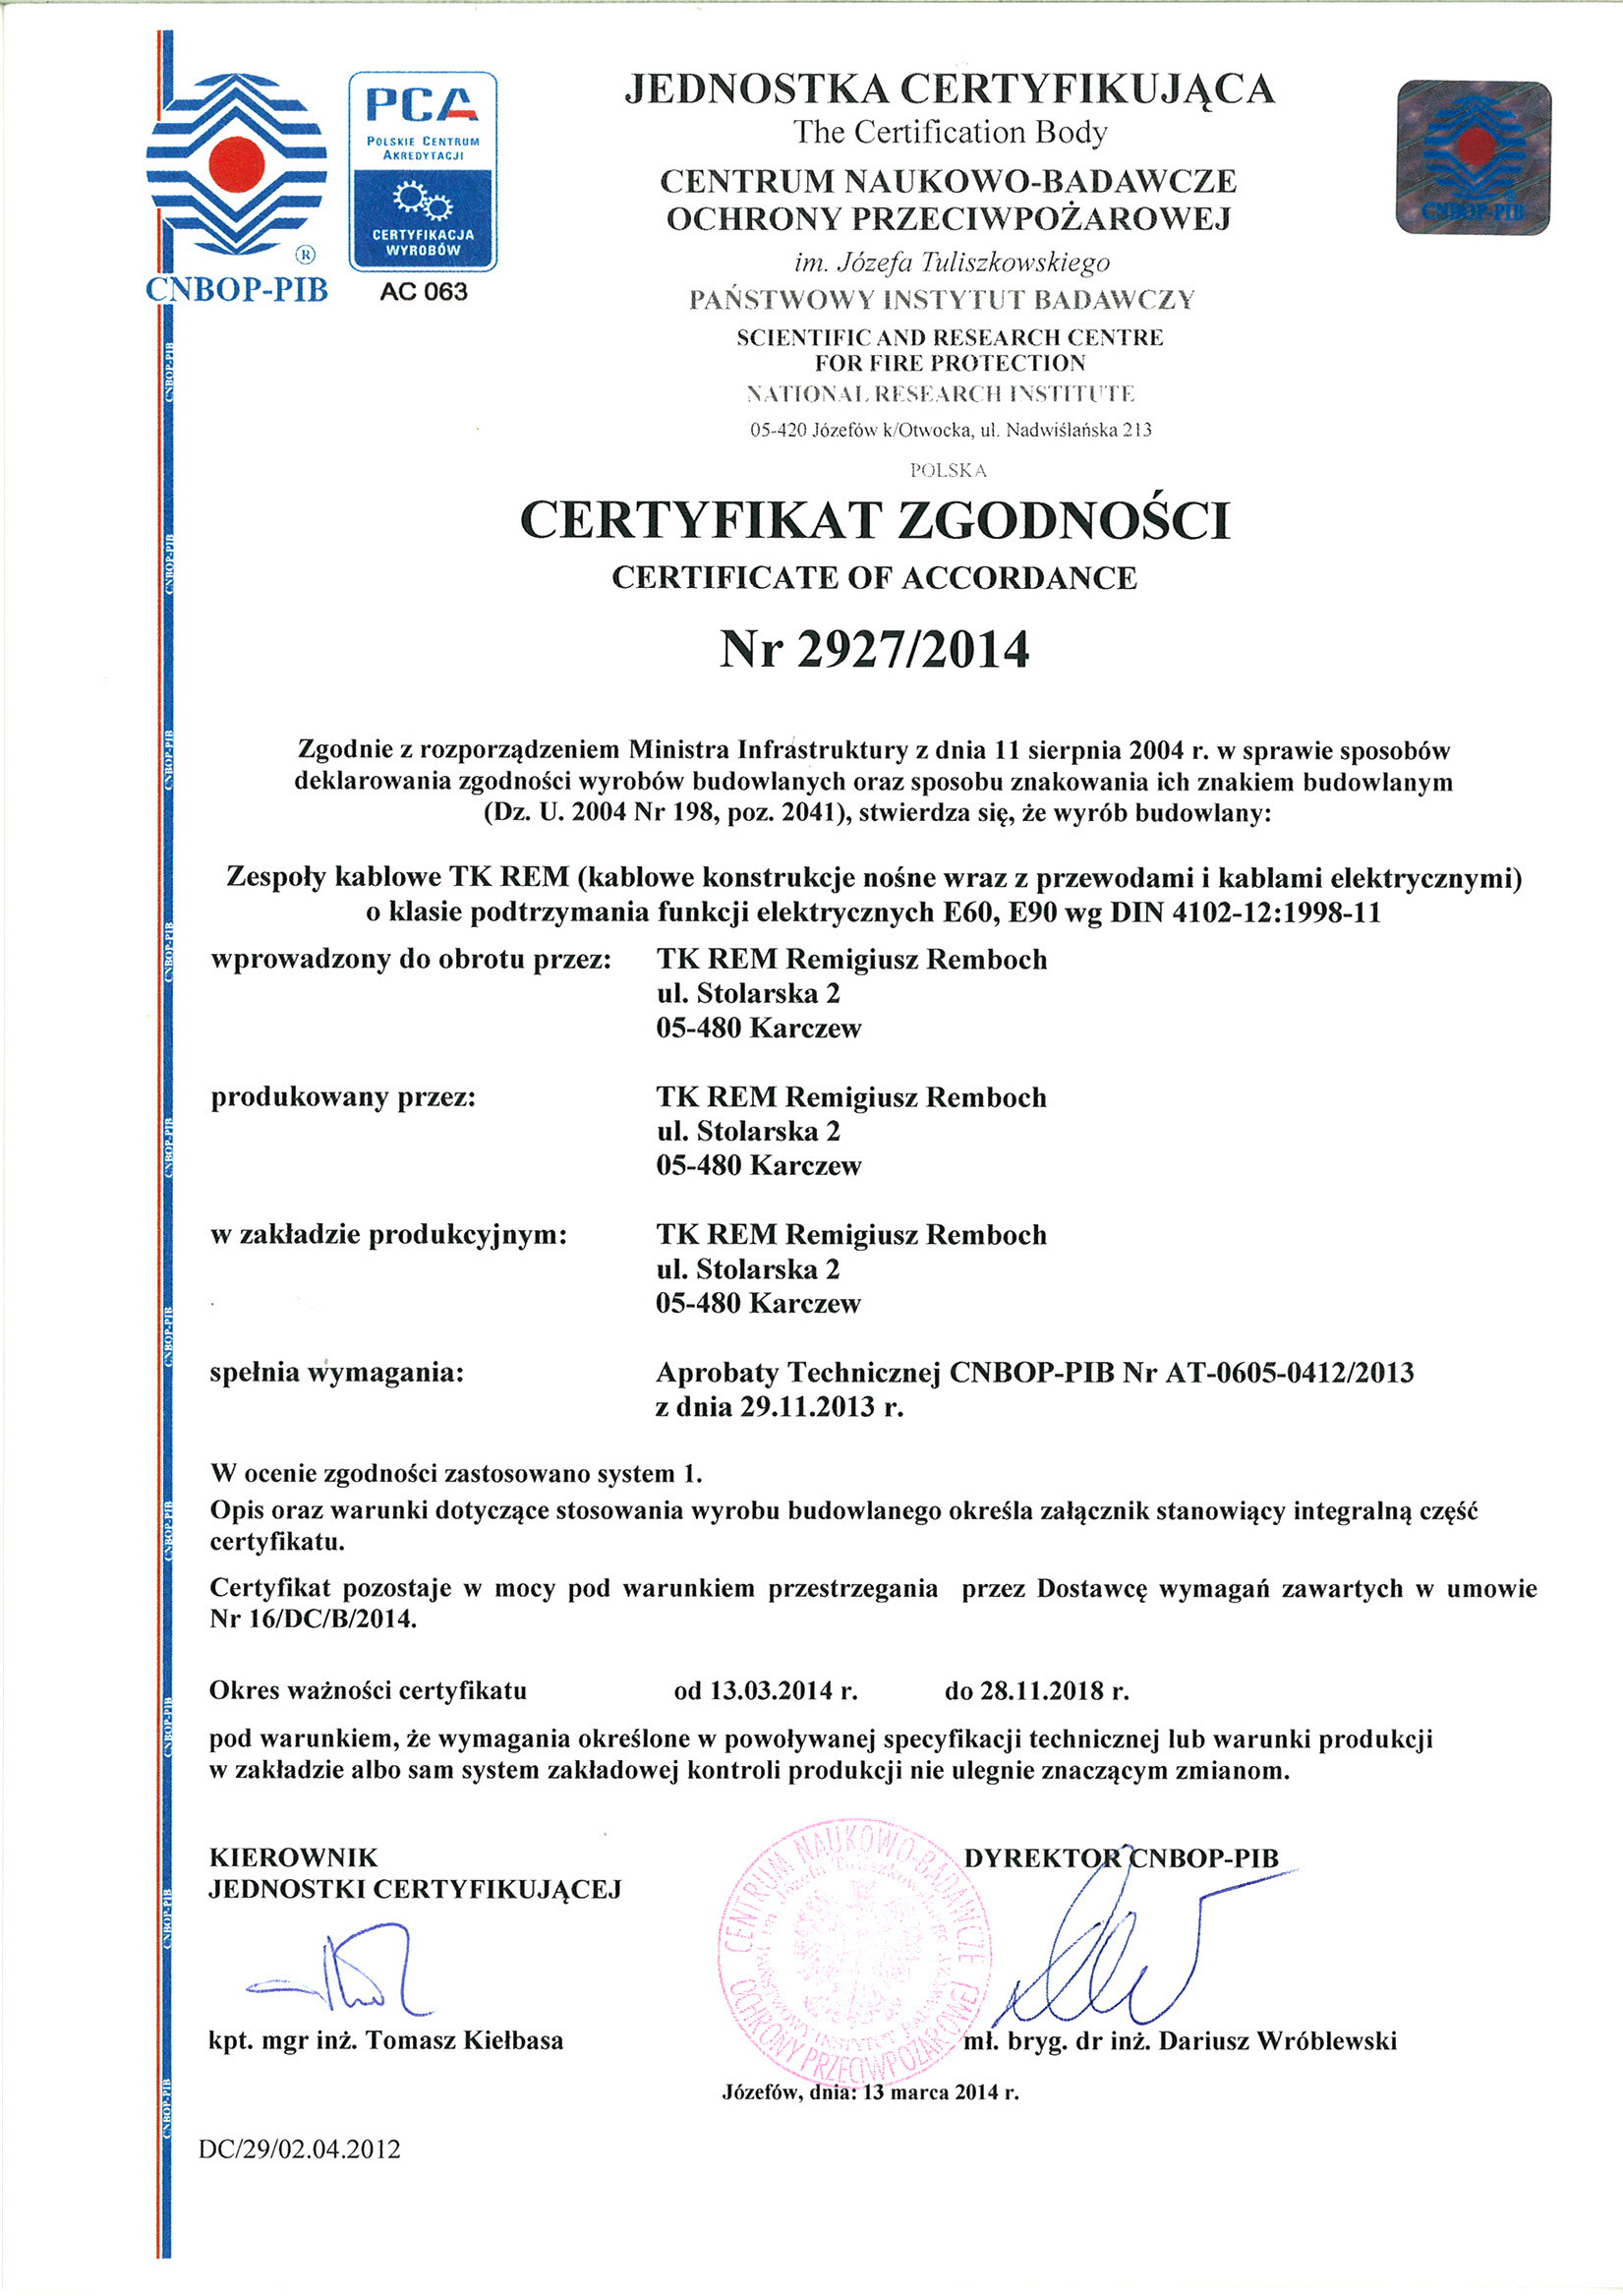 Certyfikat zgodności